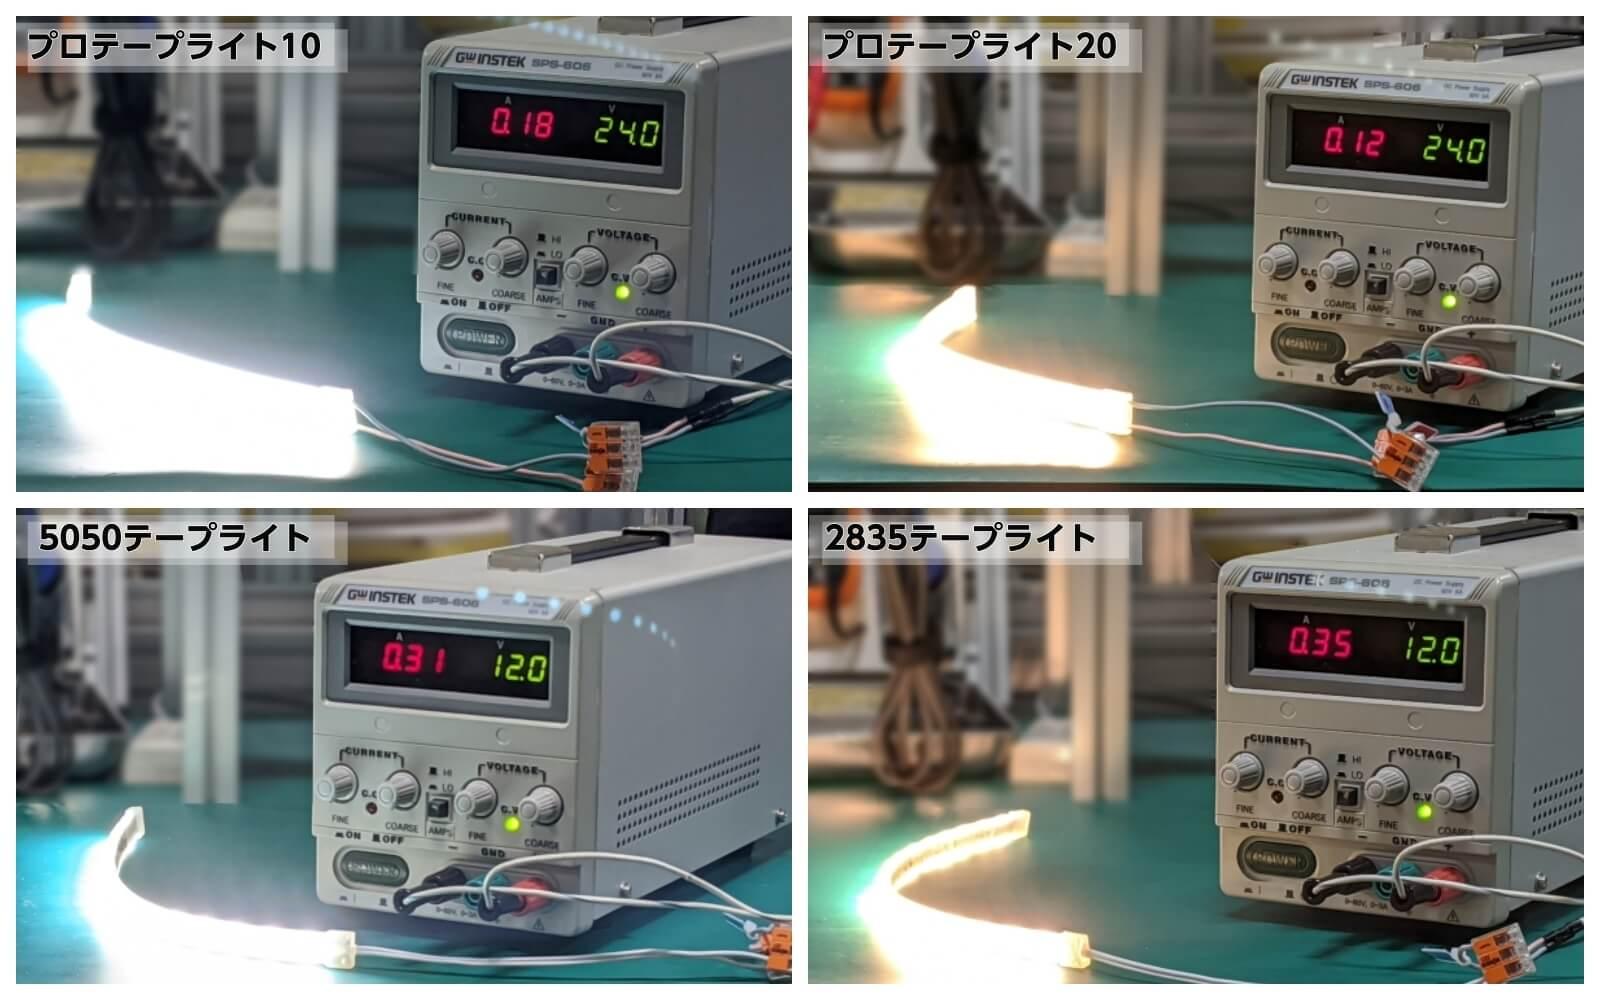 電気的な仕様の違いを比較、海外製テープライトVSプロテープライト